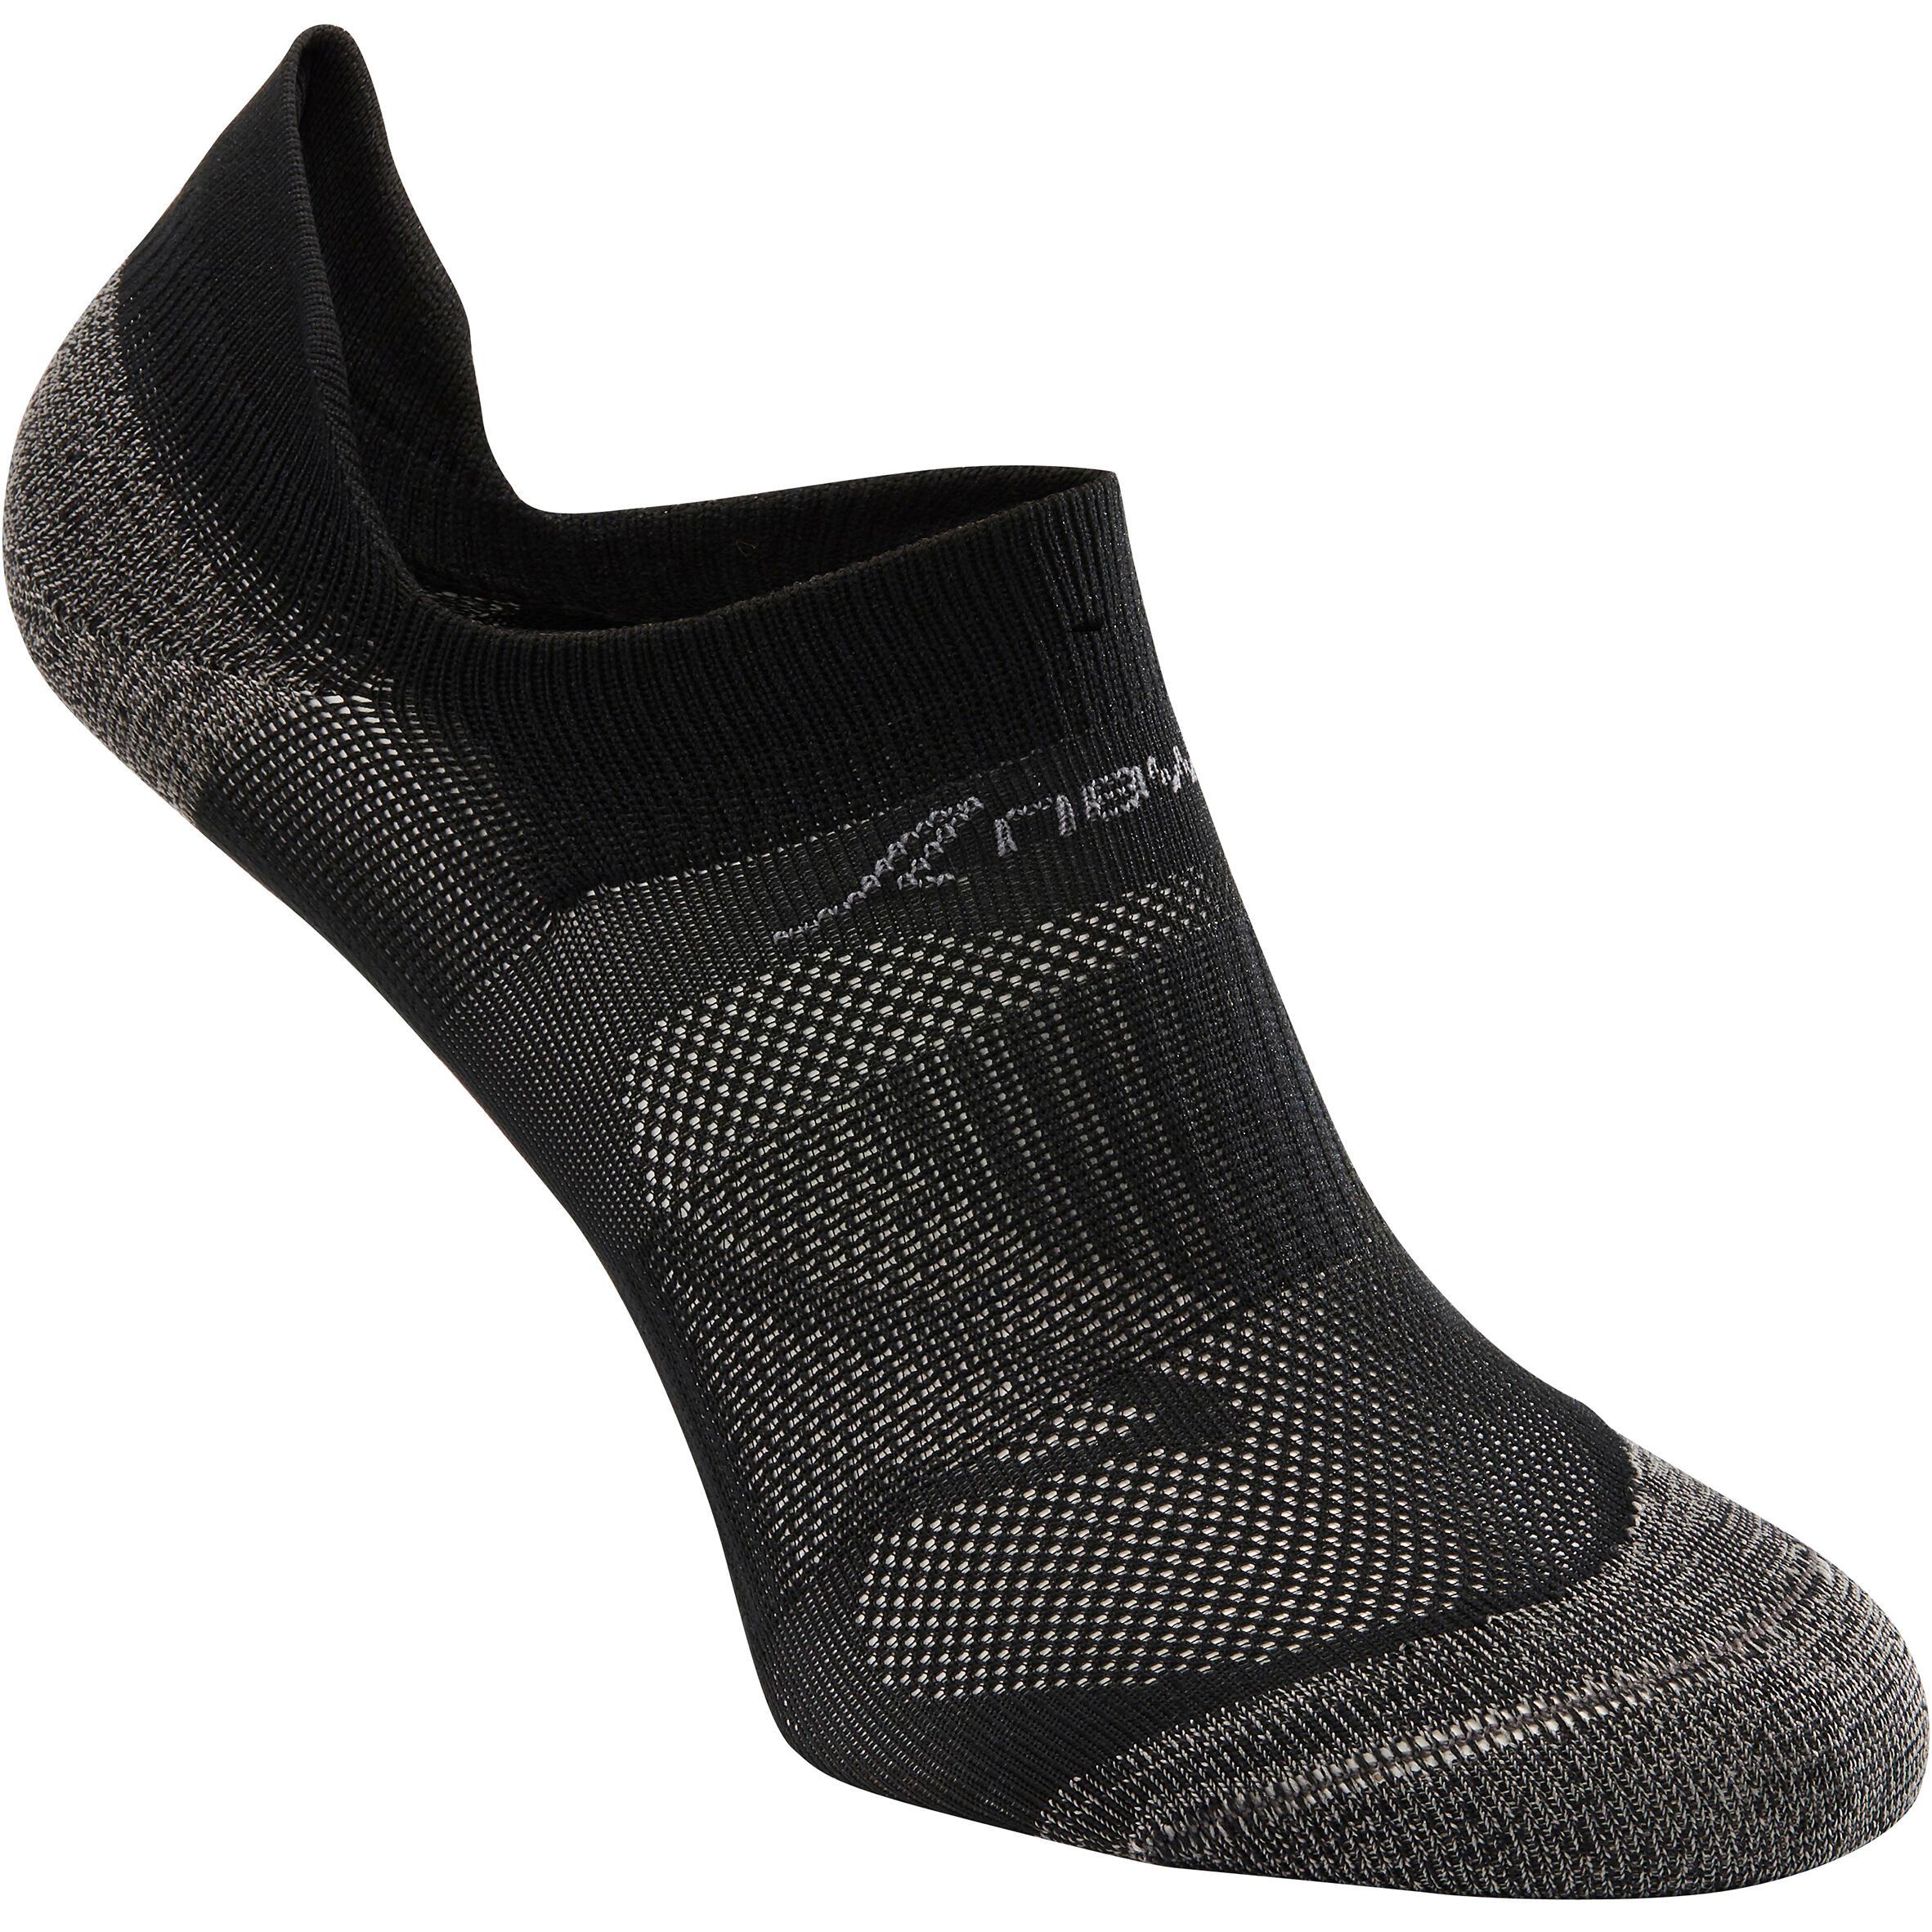 Newfeel Sokken voor sportief wandelen SK 500 Fresh Invisible zwart kopen